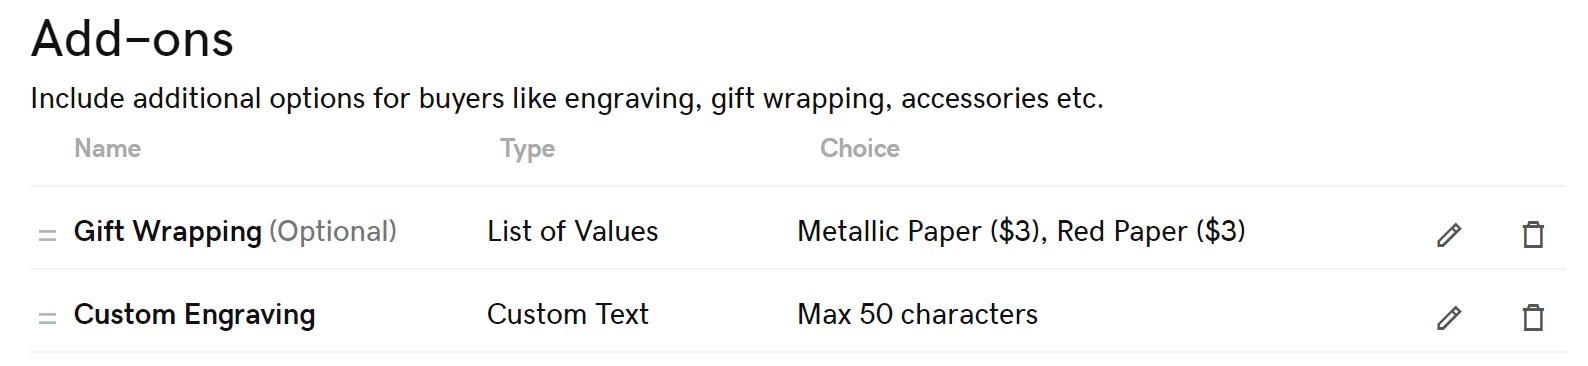 lijst met producttoevoegingen